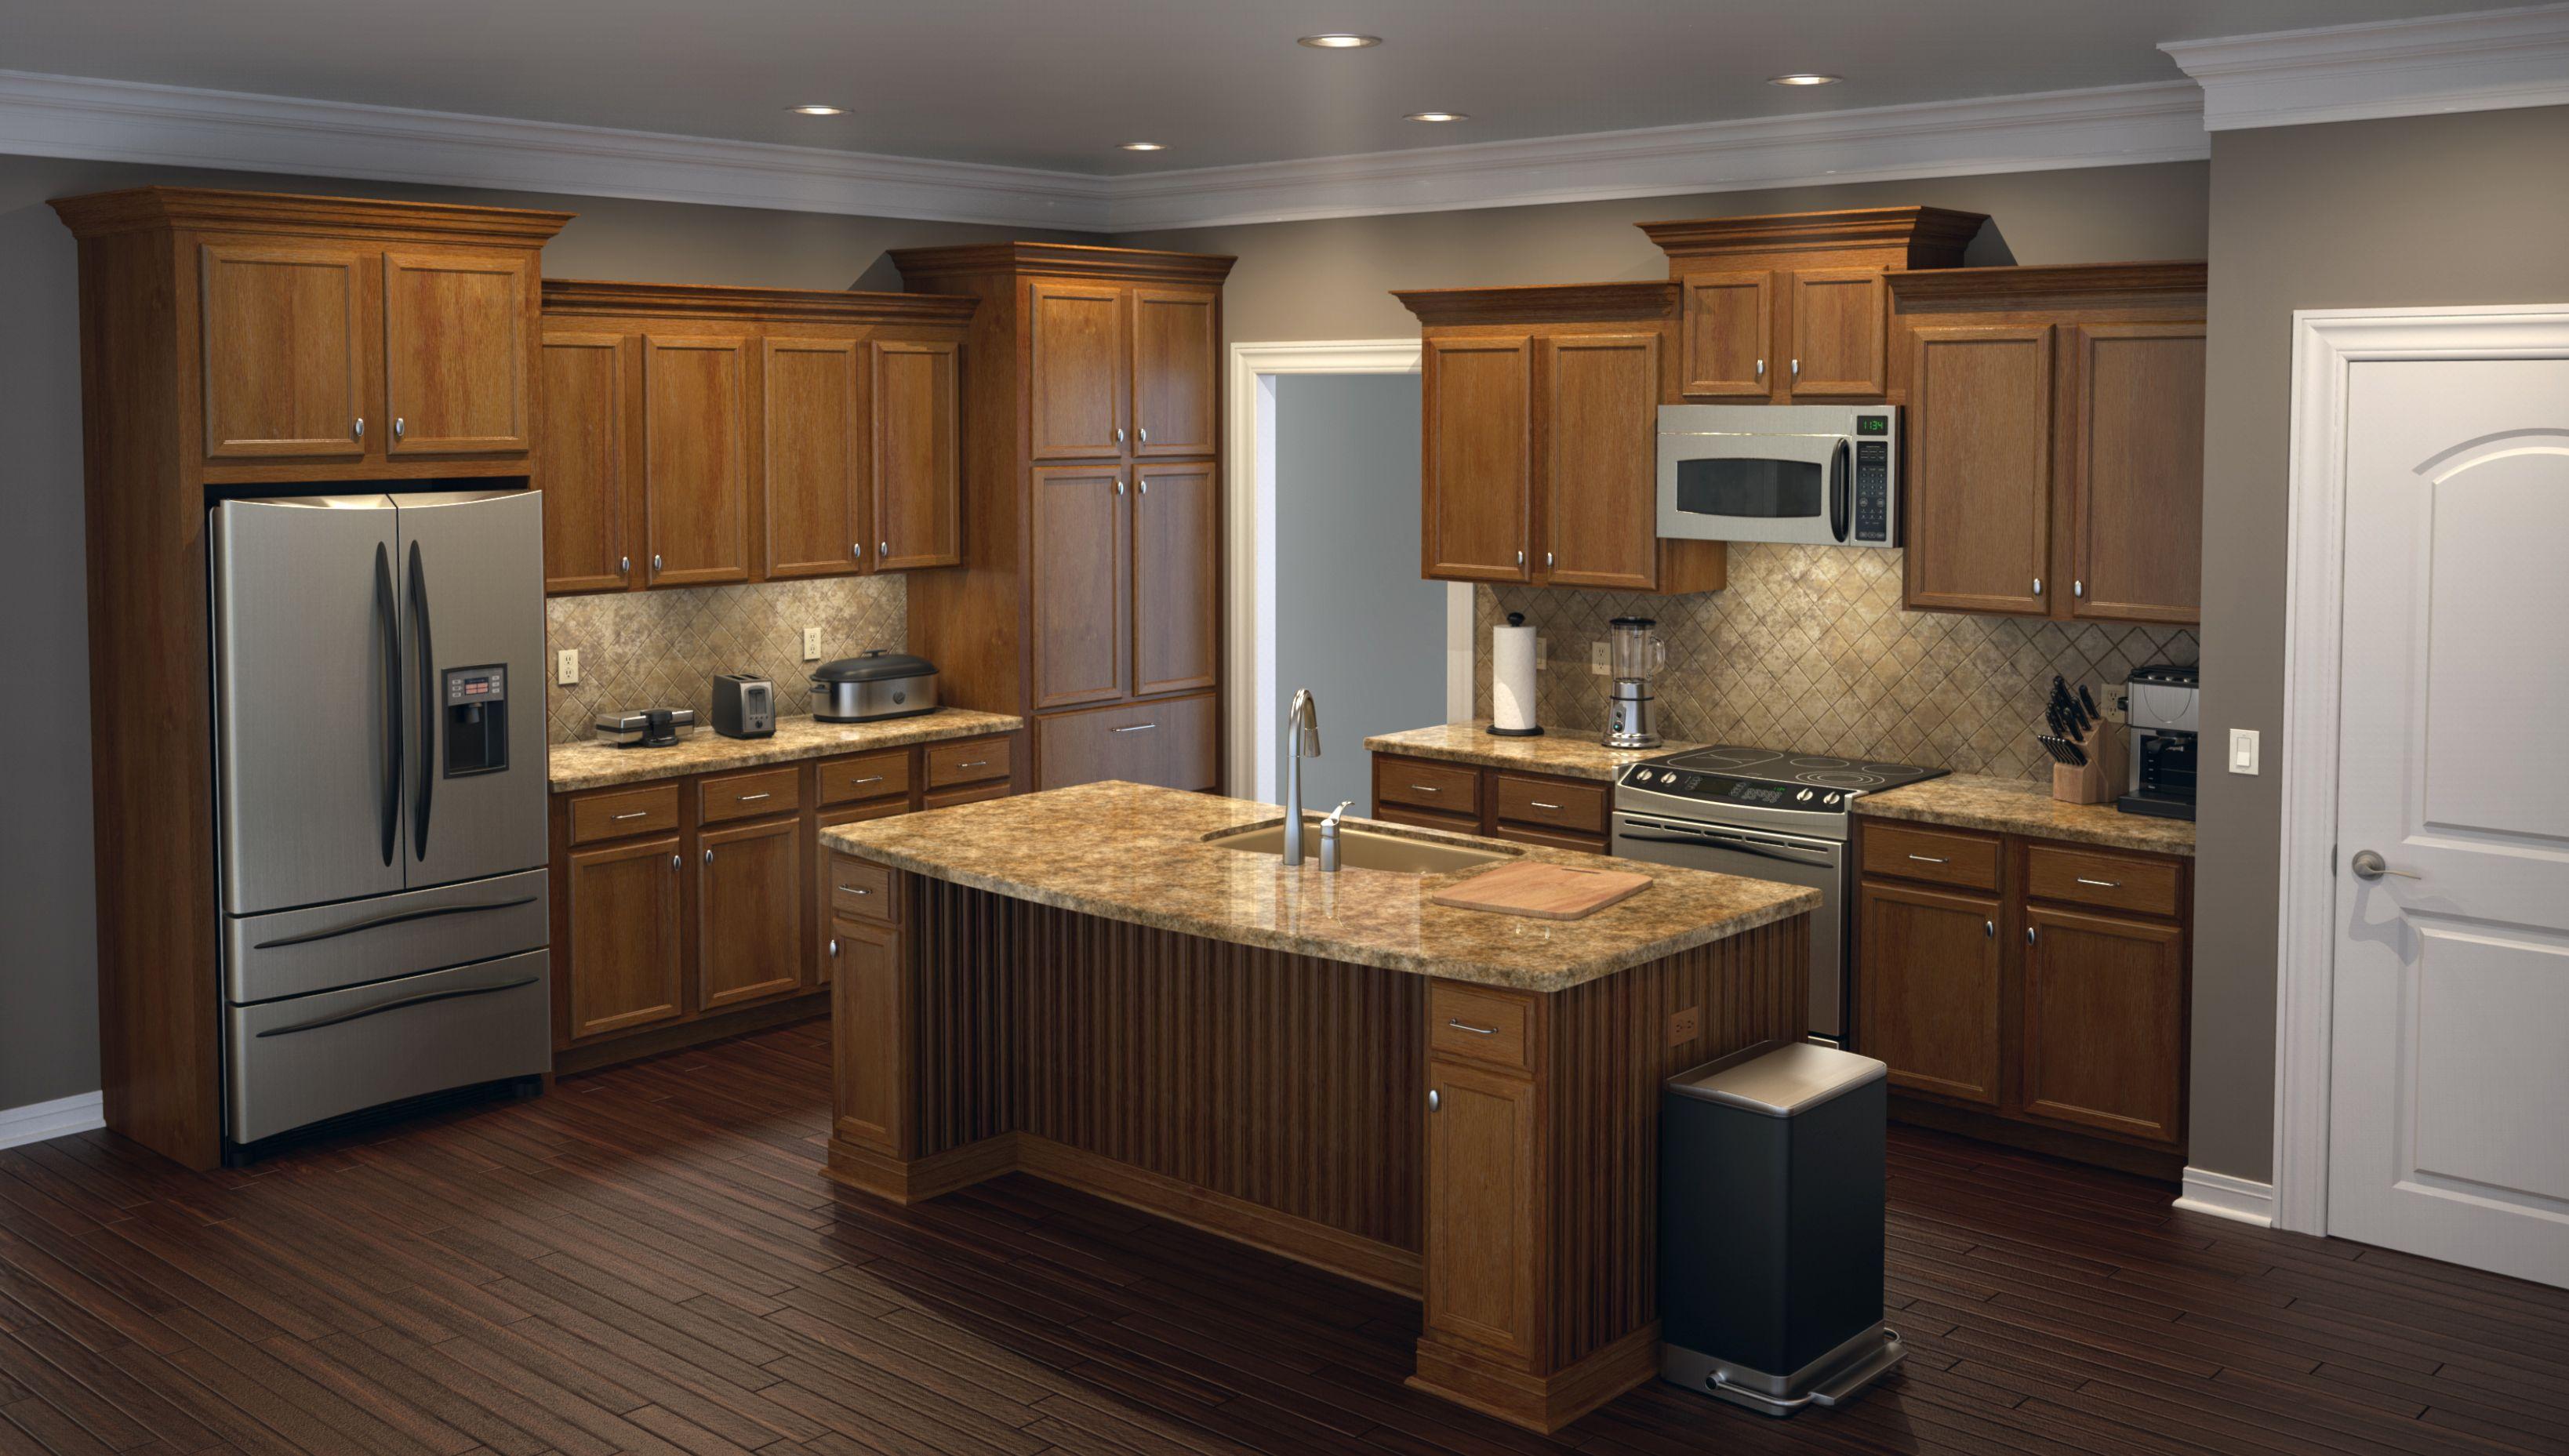 kitchen interior rendered in keyshot by tim feher architecture kitchen interior rendered in keyshot by tim feher